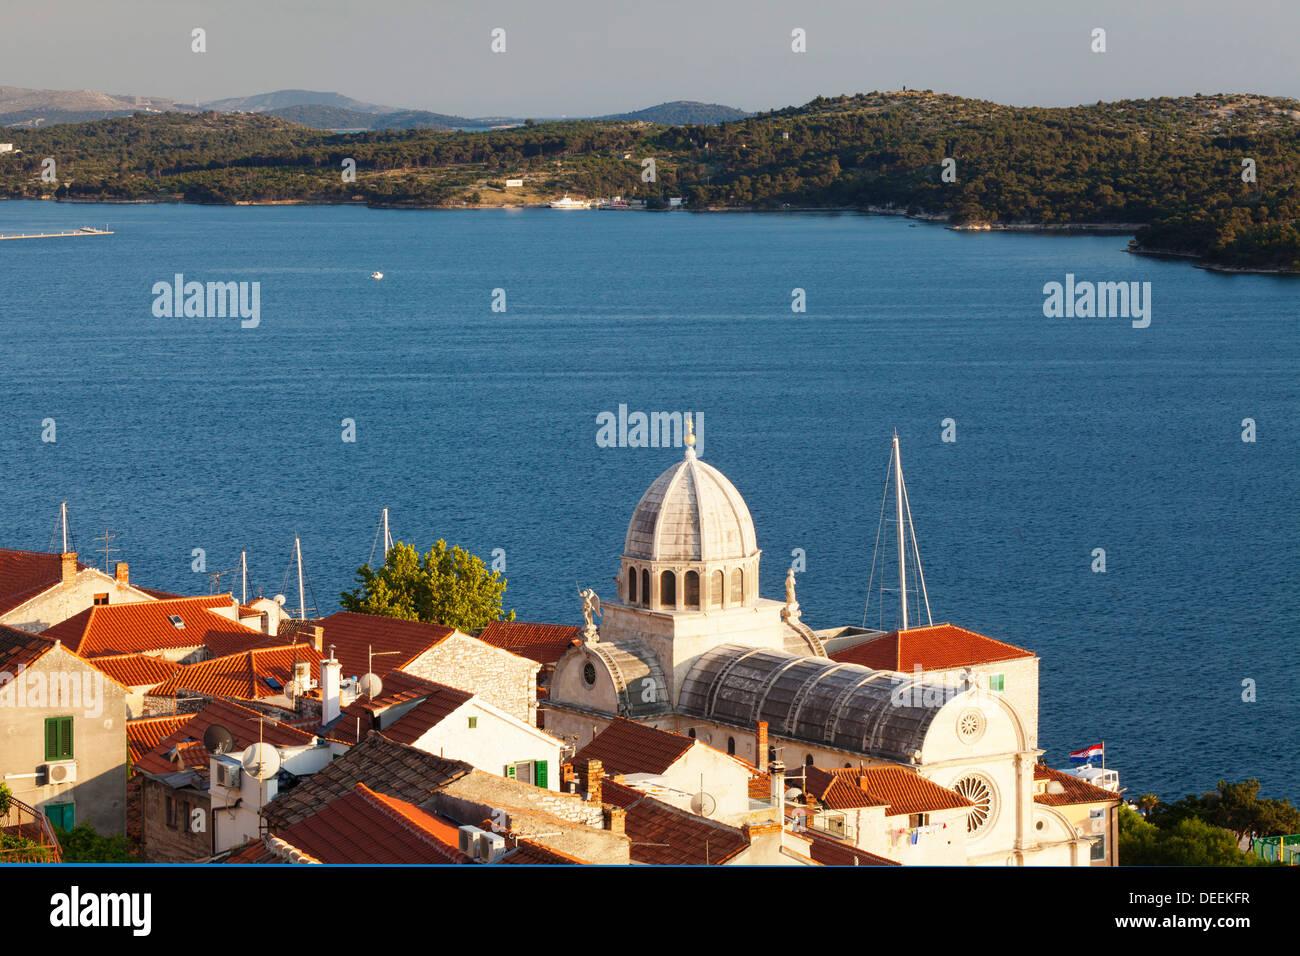 Blick auf die Altstadt und die Kathedrale von St. Jacob (Cathedral of St. James), UNESCO, Sibenik, Knin Region, Dalamtia, Kroatien Stockbild